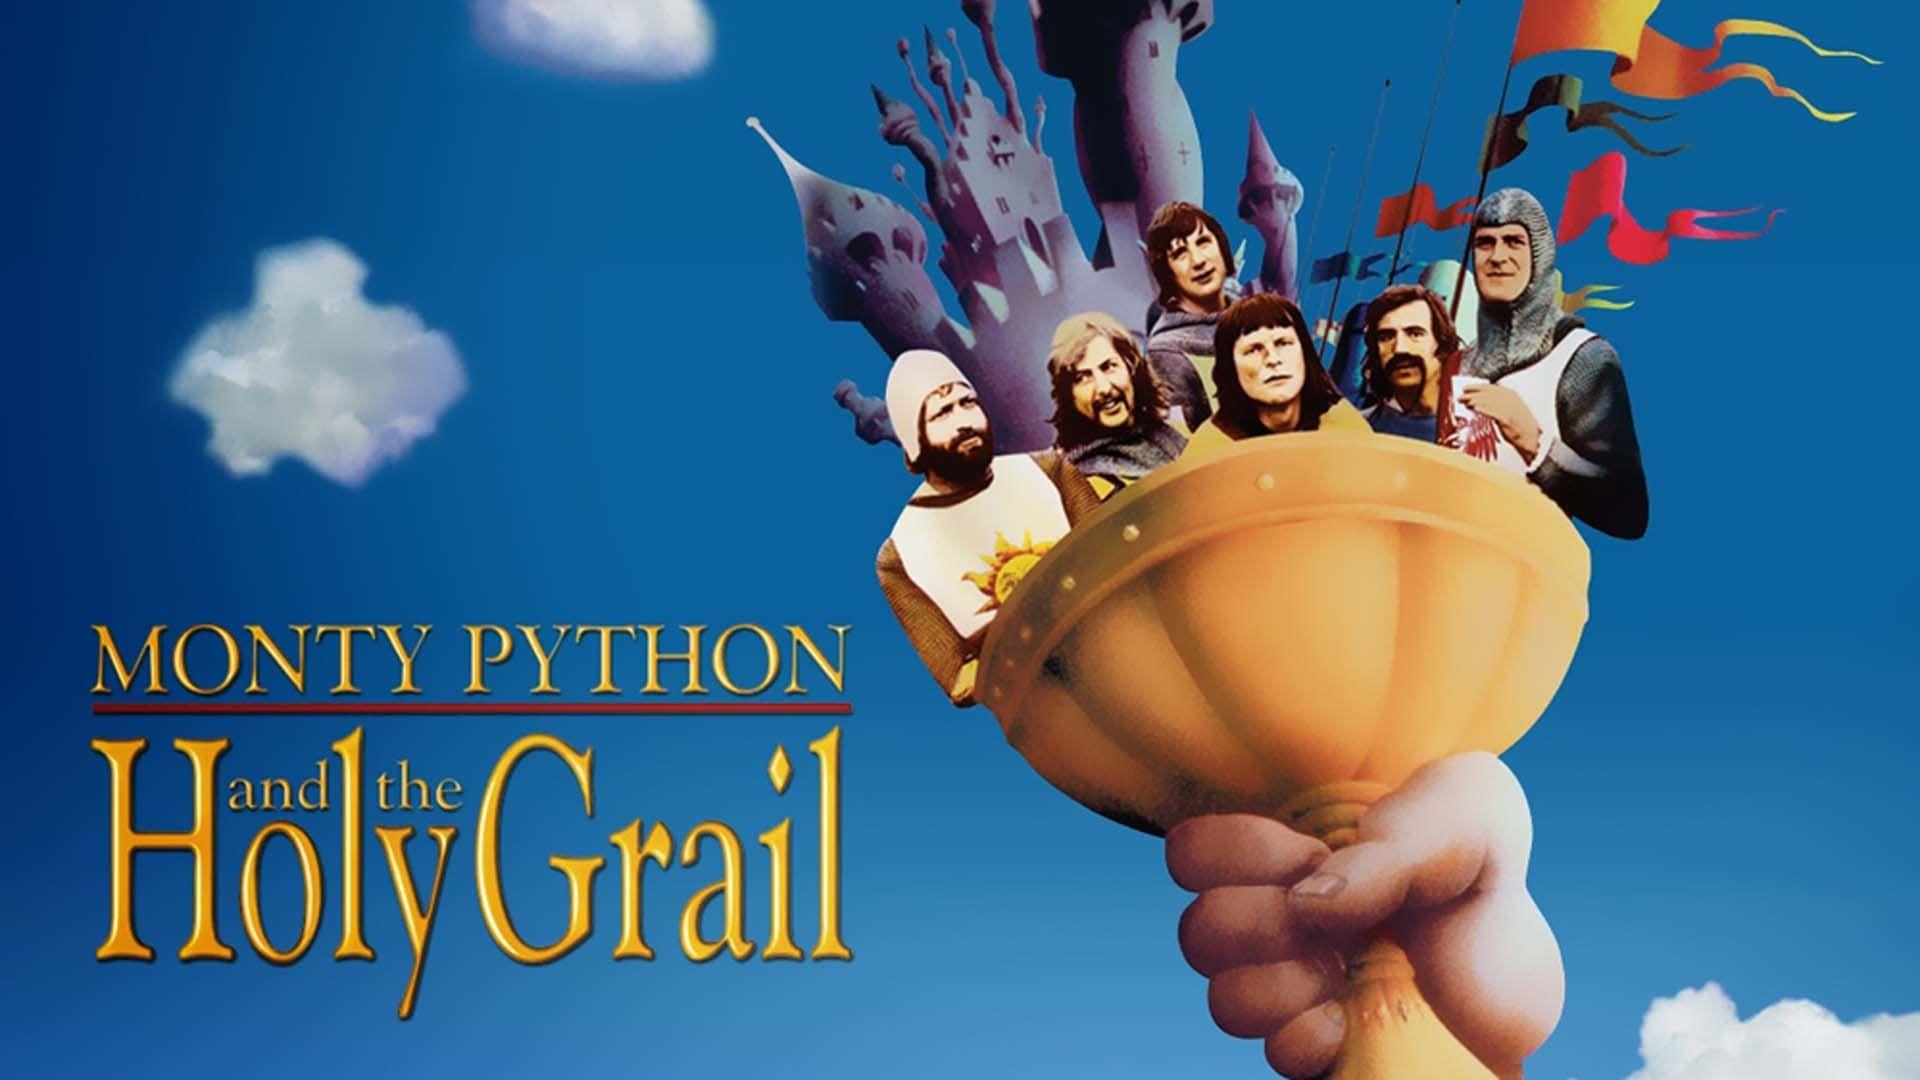 Monty Python Die Ritter Der Kokosnuss 1975 Ganzer Film Deutsch Komplett Kino Monty Python Die Ritter Der Kokosnuss 1975complet Komodien Ganze Filme Konig Artus